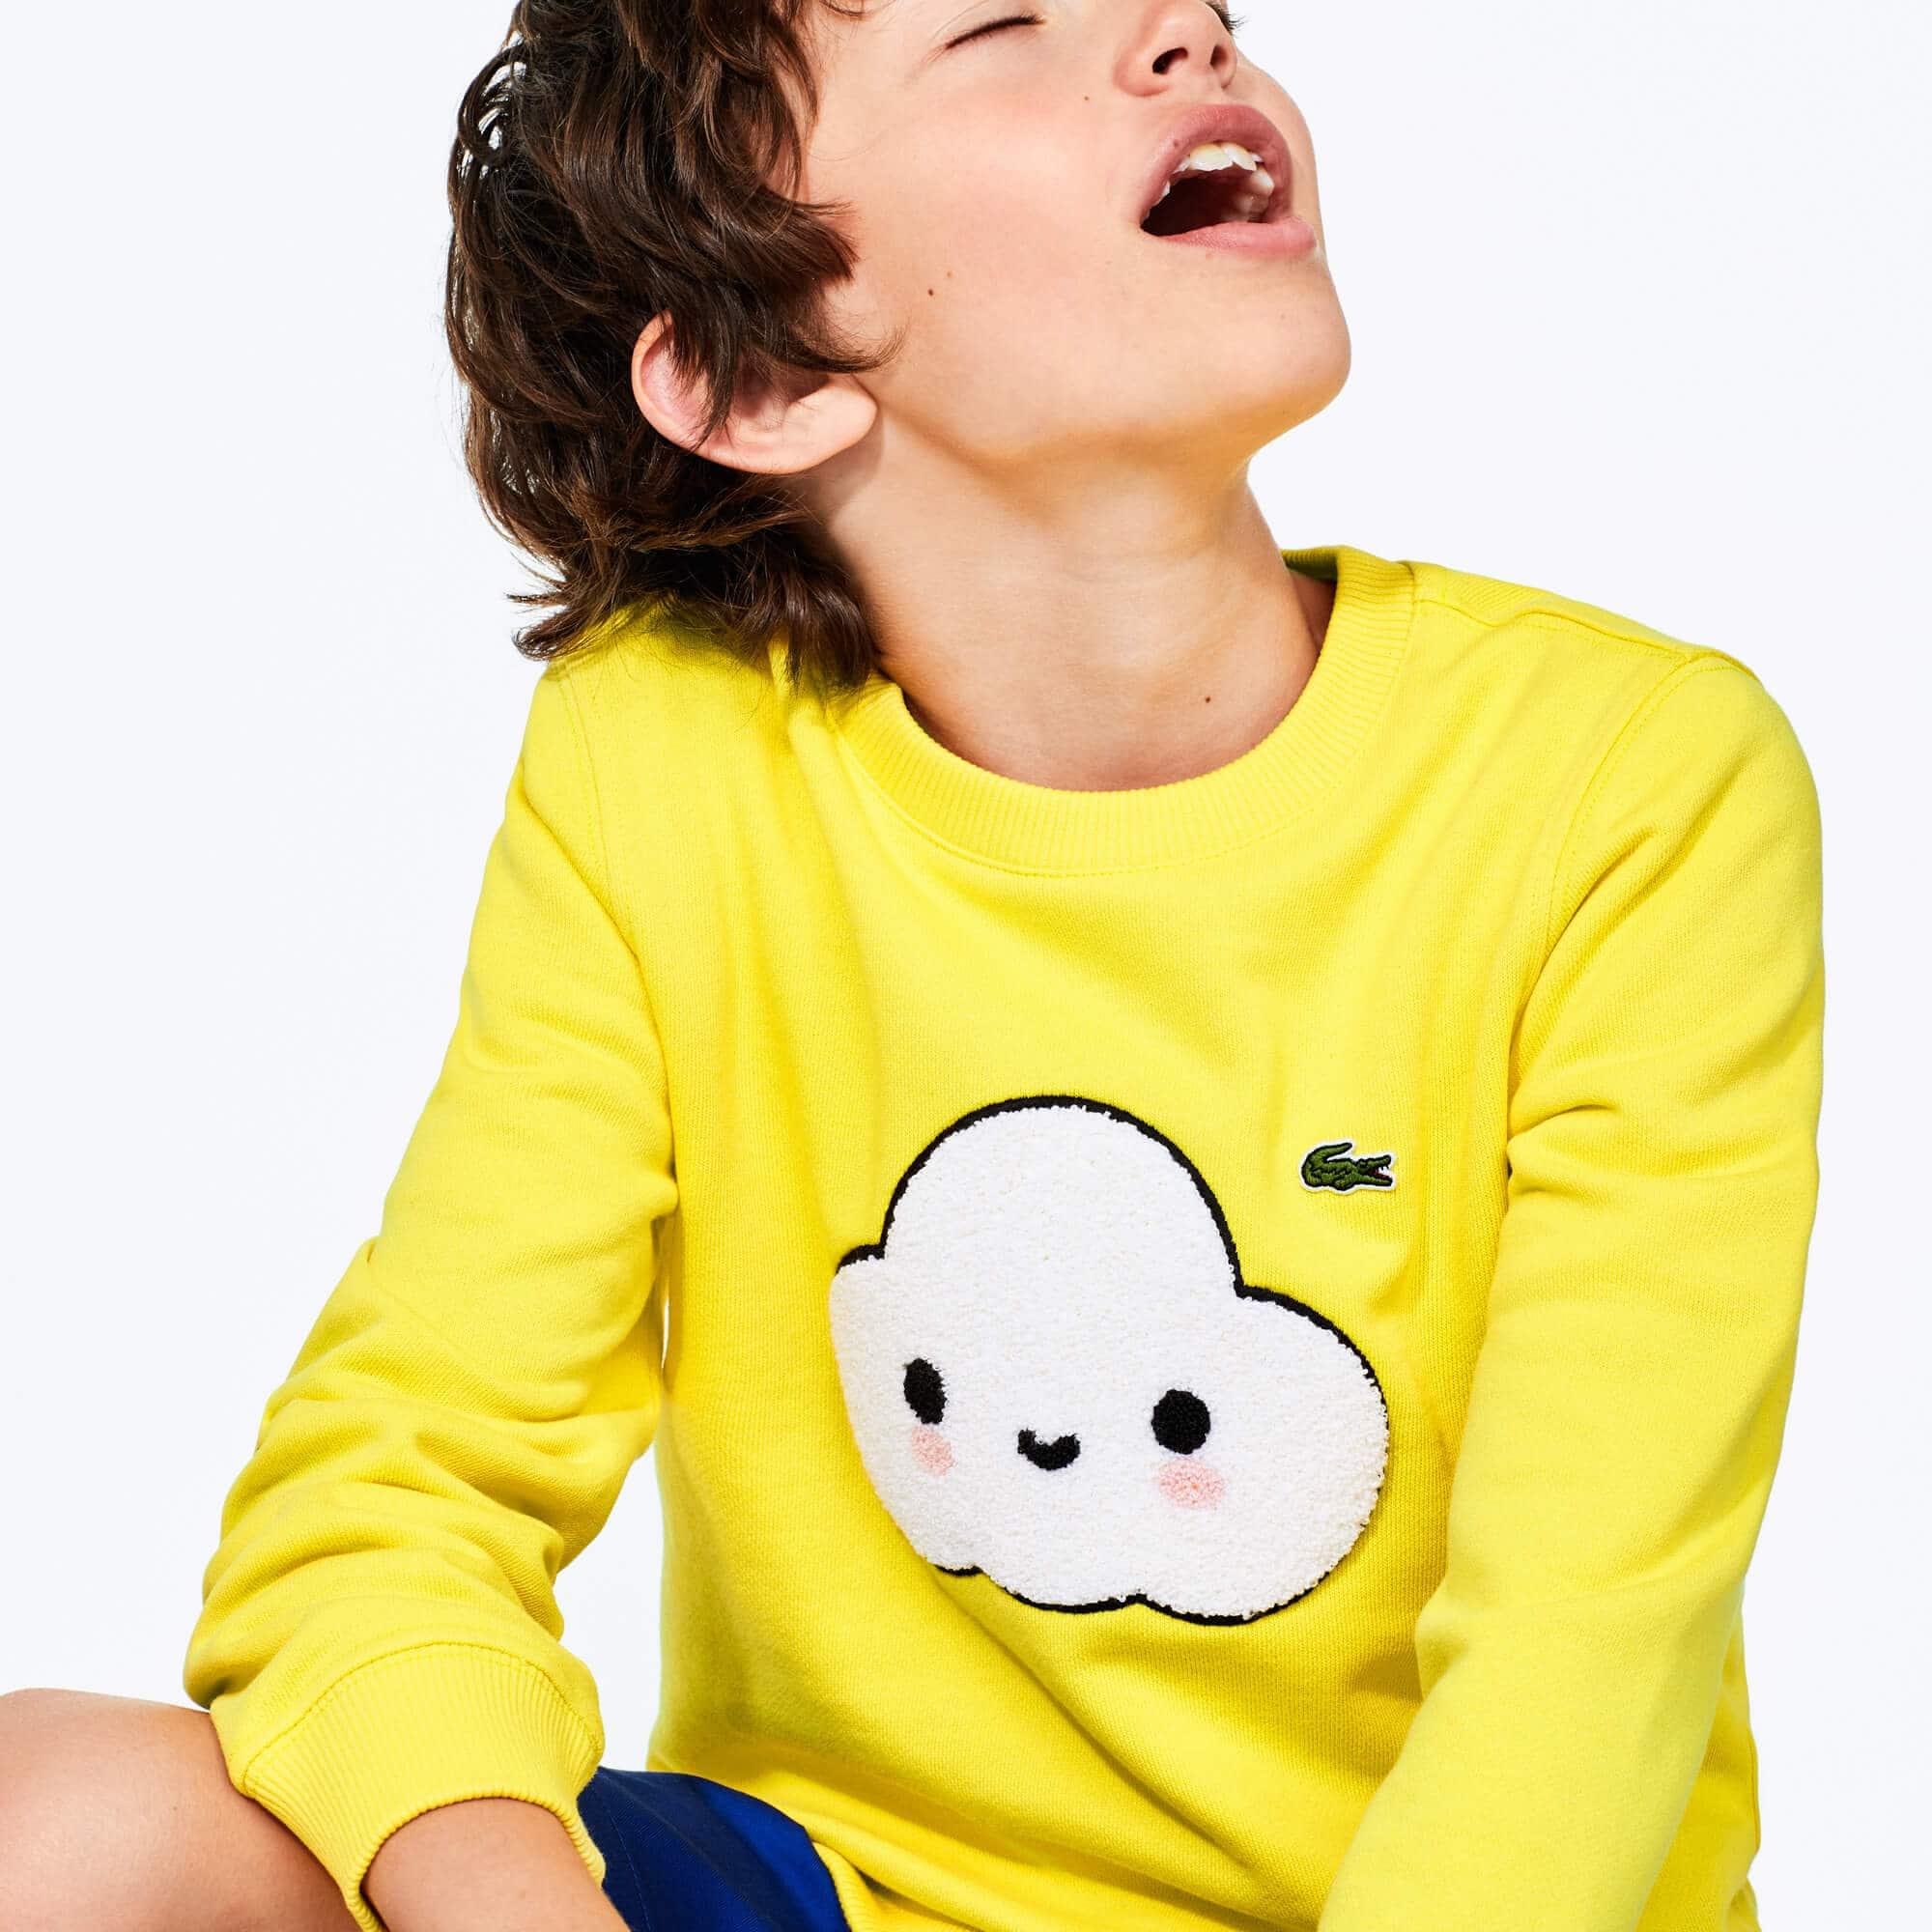 라코스테 x 프렌즈 위드유 콜라보 남아용 맨투맨 Lacoste x FriendsWithYou Graphic Crew Neck Cotton Sweatshirt,Yellow